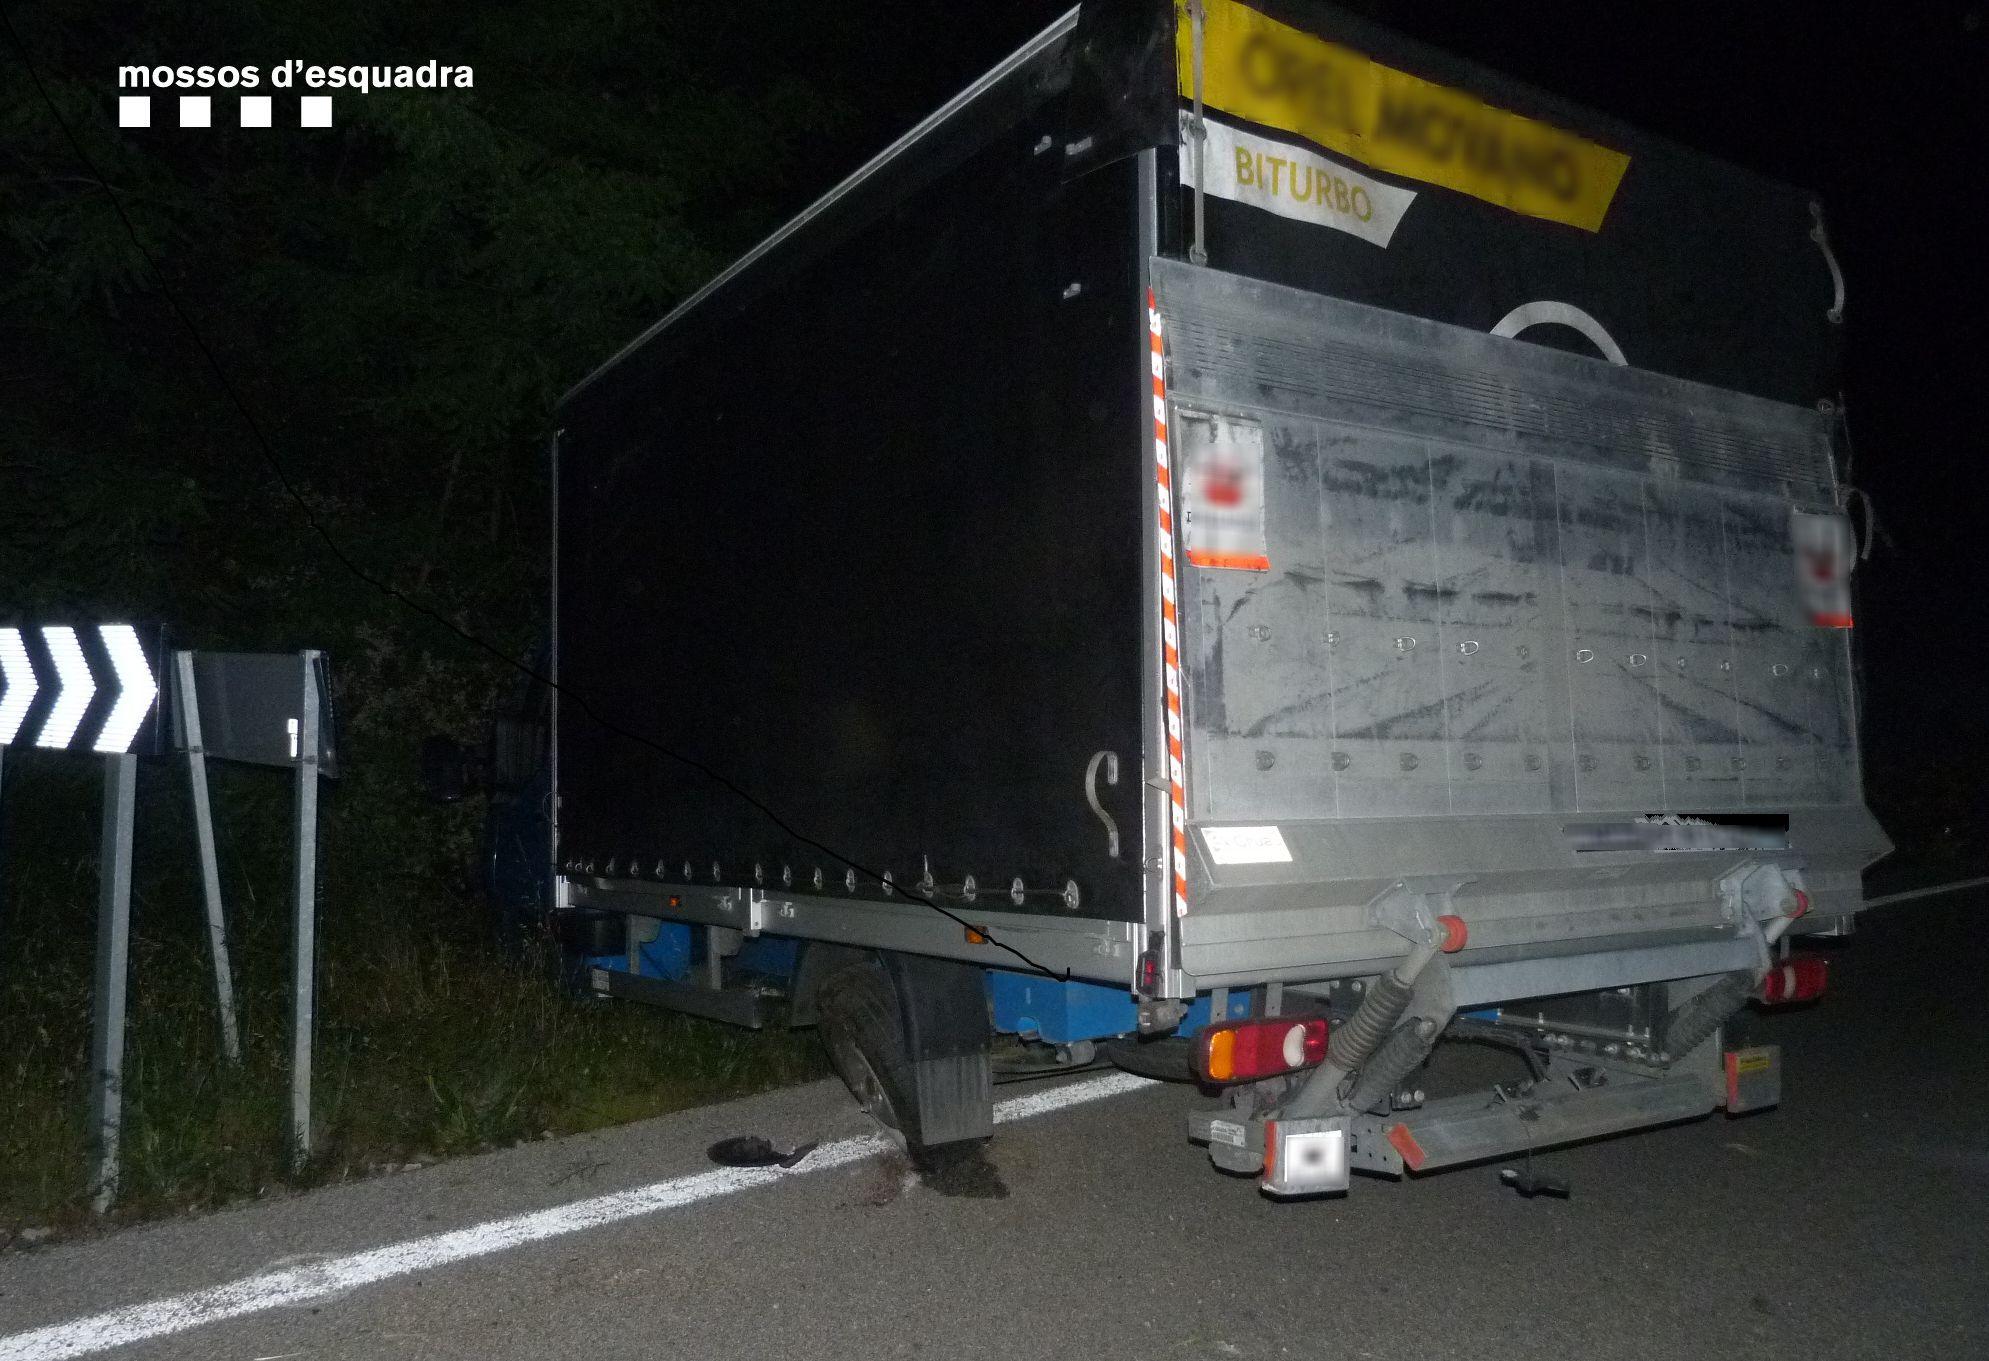 S'accidenta amb una furgoneta a la Jonquera i acaba detingut per multiplicar per cinc la taxa d'alcohol permesa